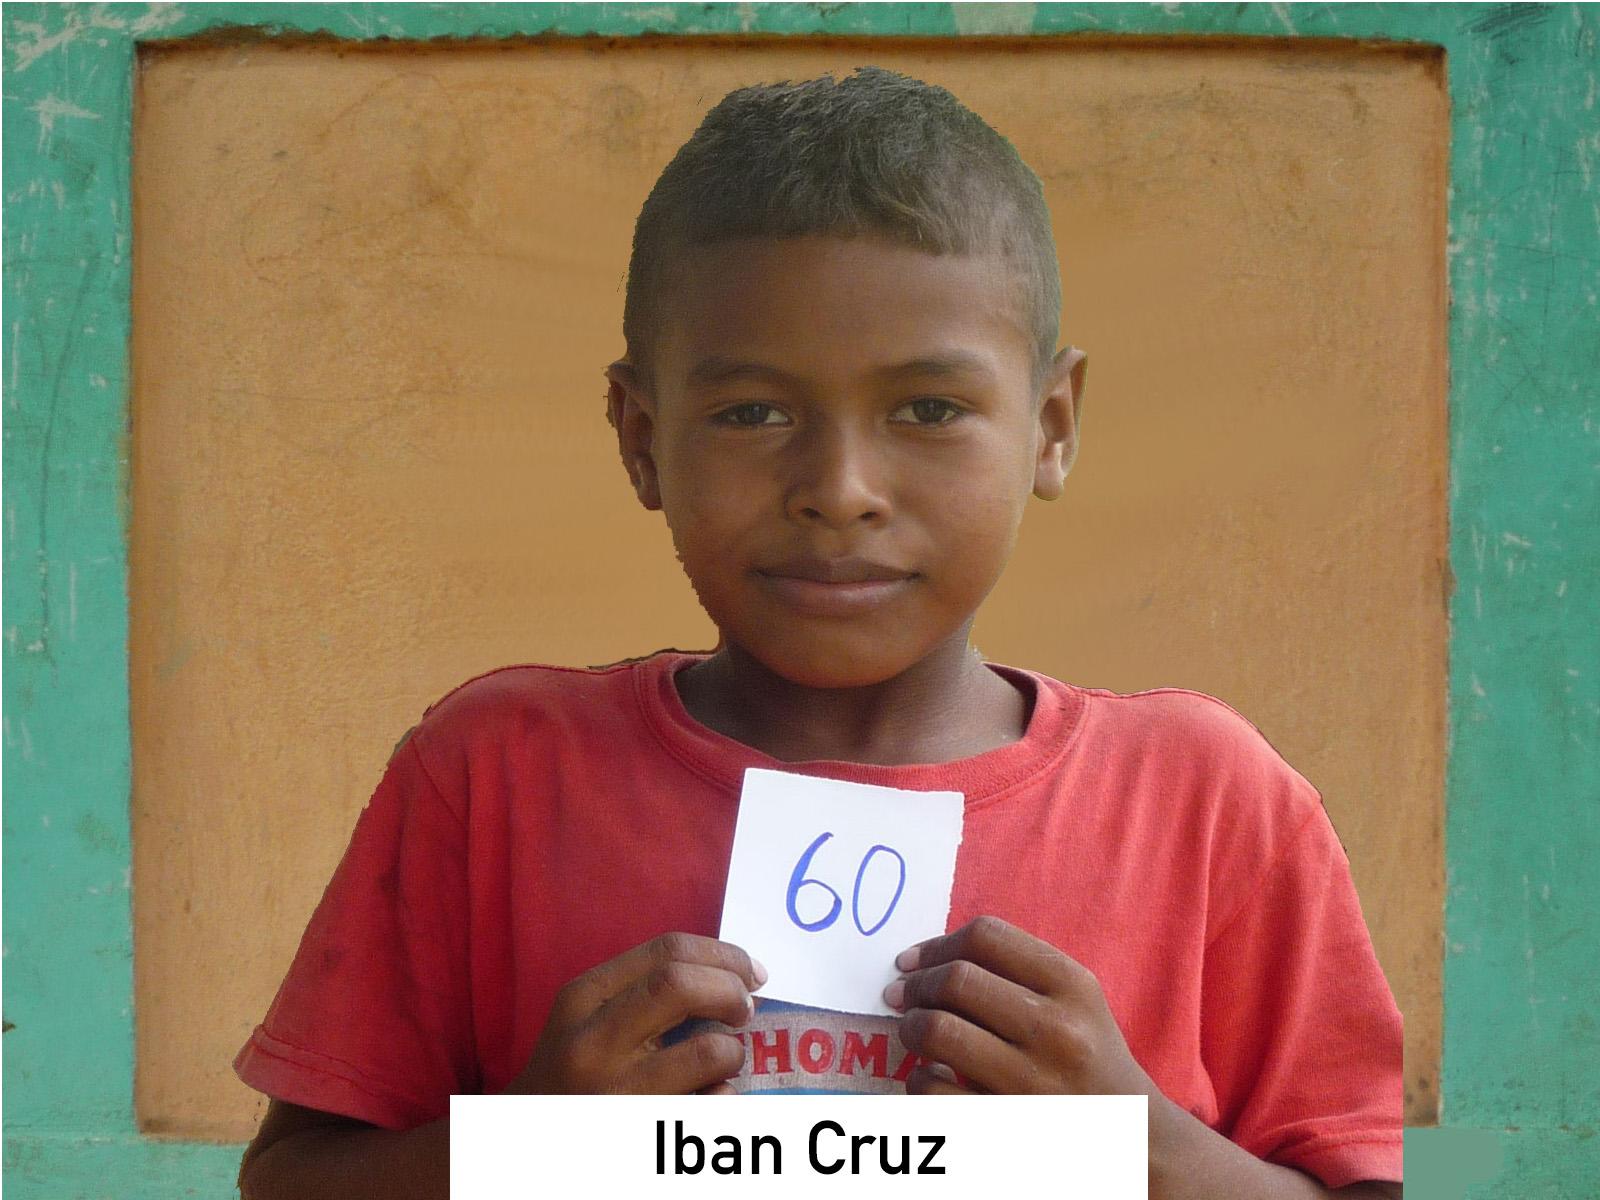 060 - Iban Cruz.jpg